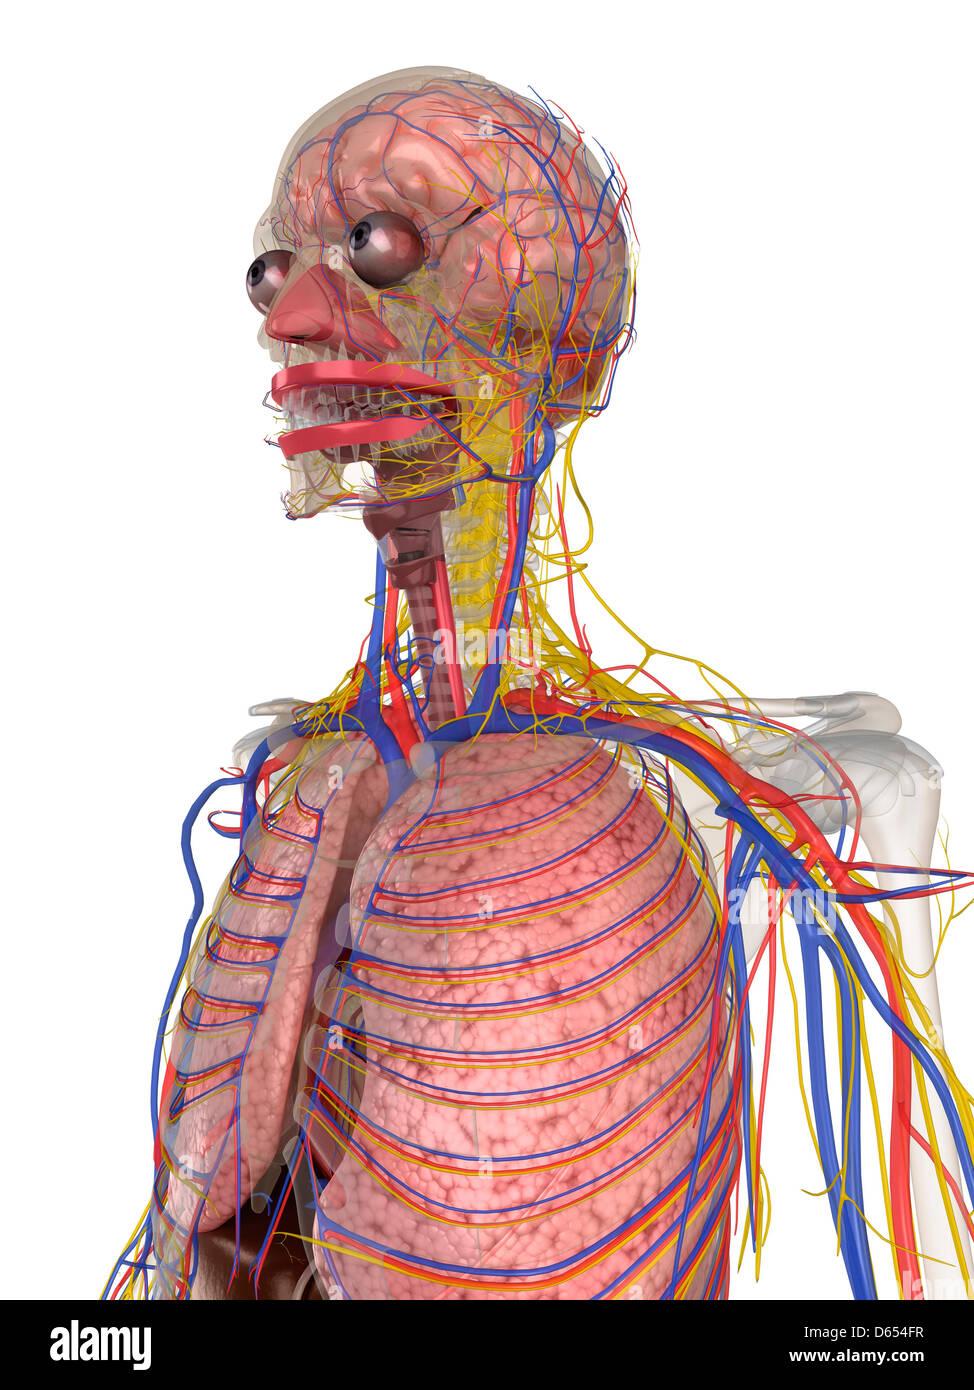 Menschliche Anatomie, artwork Stockfoto, Bild: 55432379 - Alamy